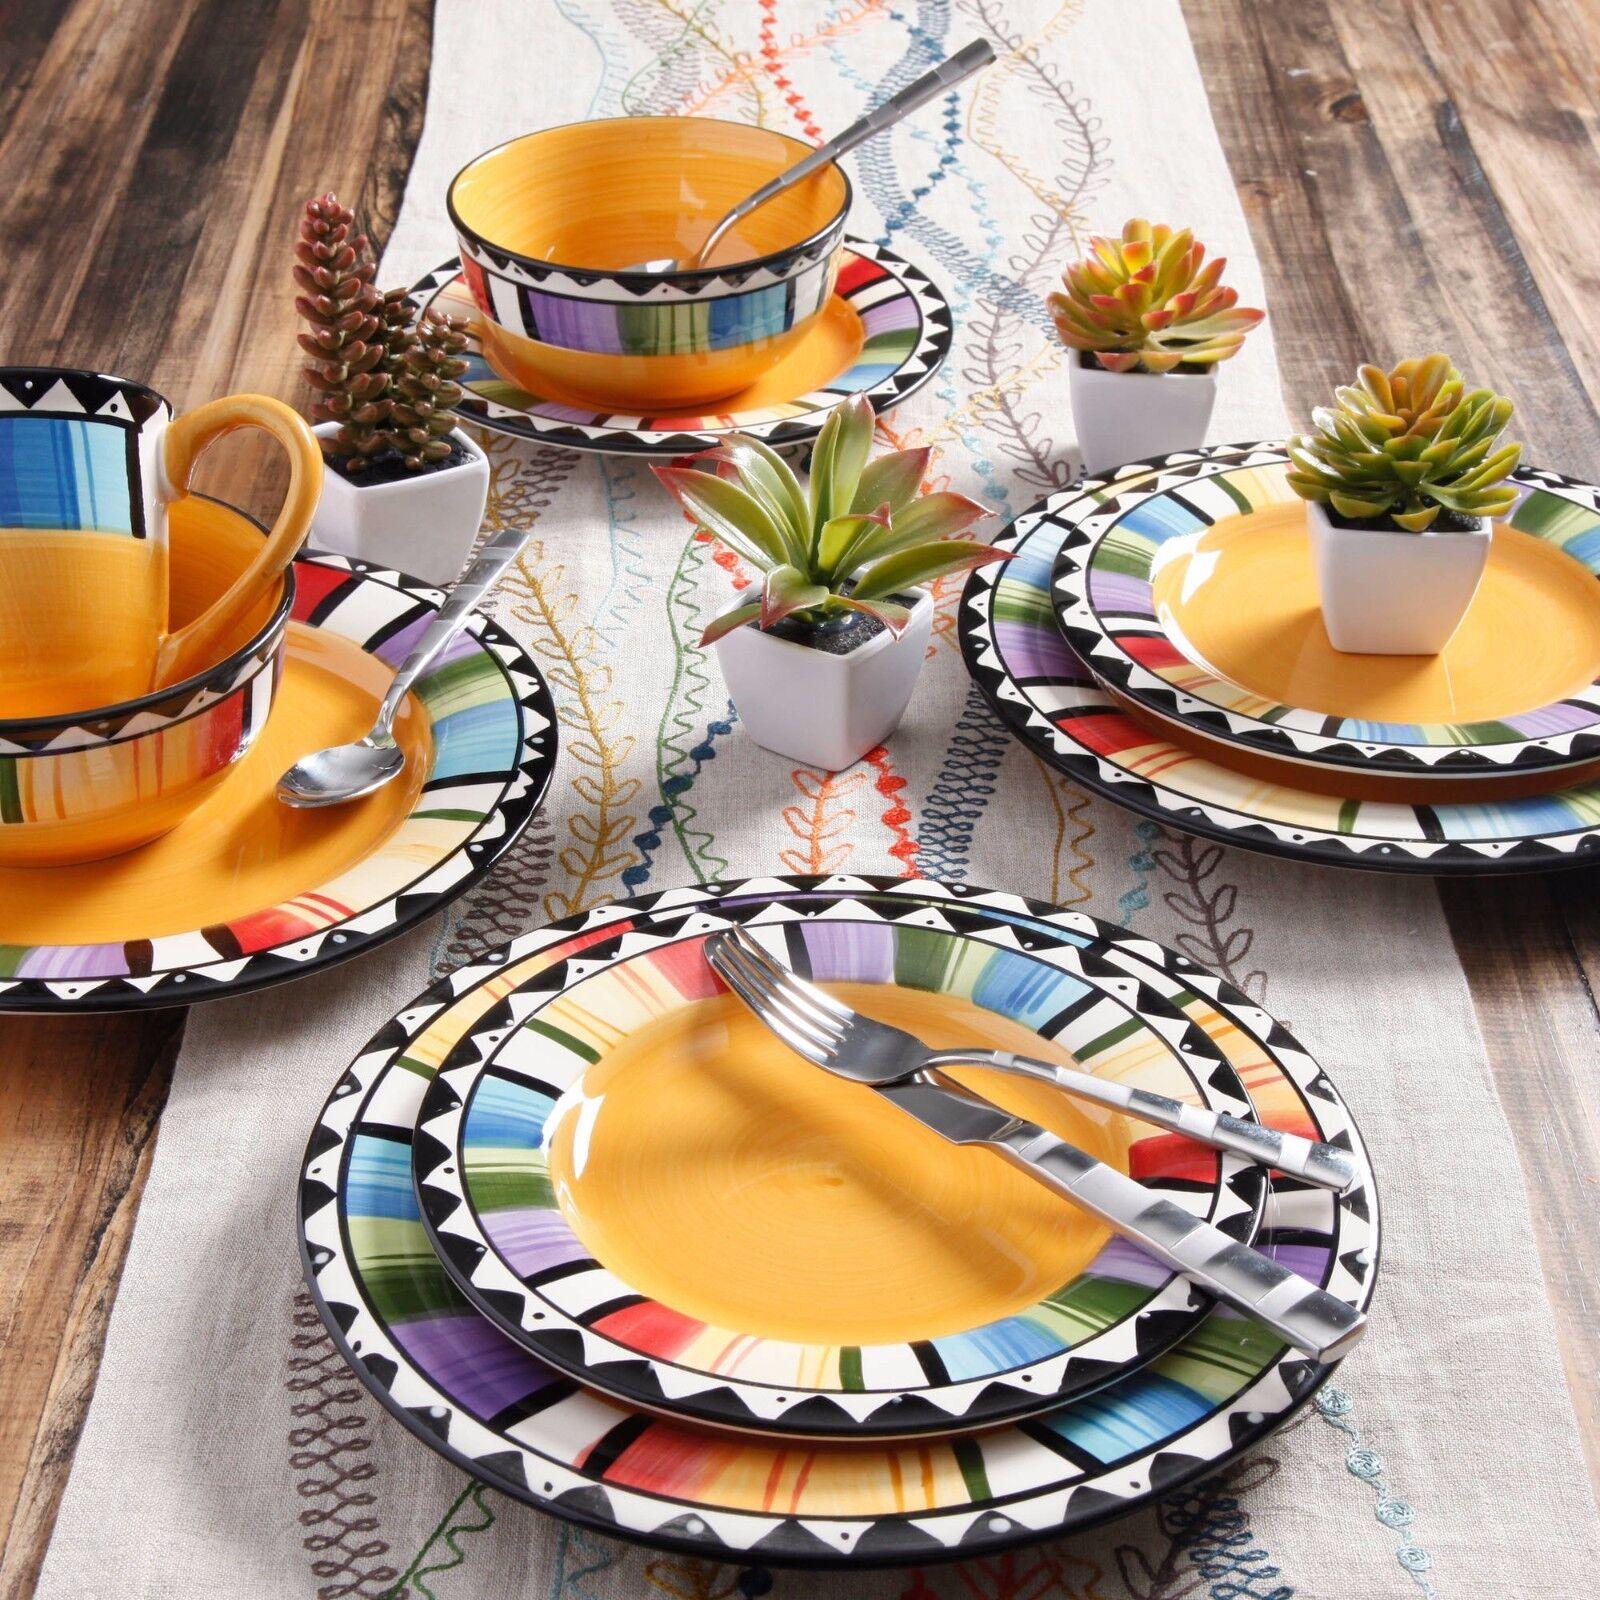 Fiesta Vaisselle 16 Pieces Set vaisselle assiette bol mug en grès cuisine salle à manger de la salade